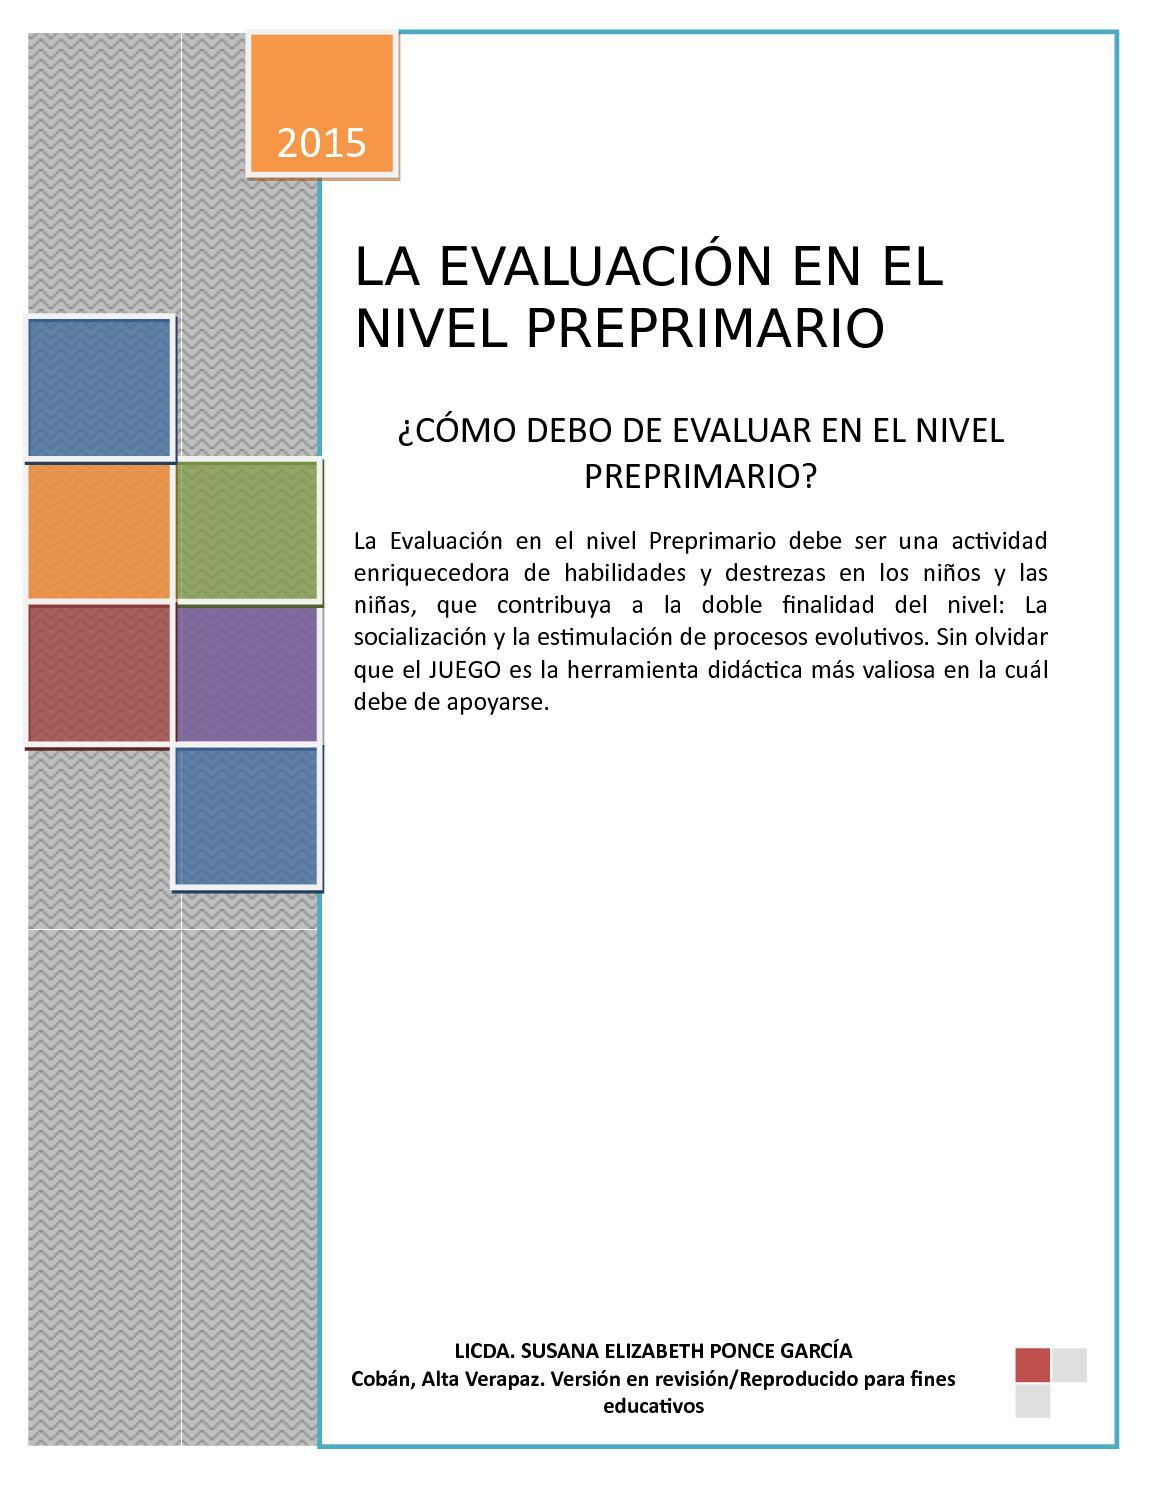 La Evaluación En El Nivel Preprimario 2